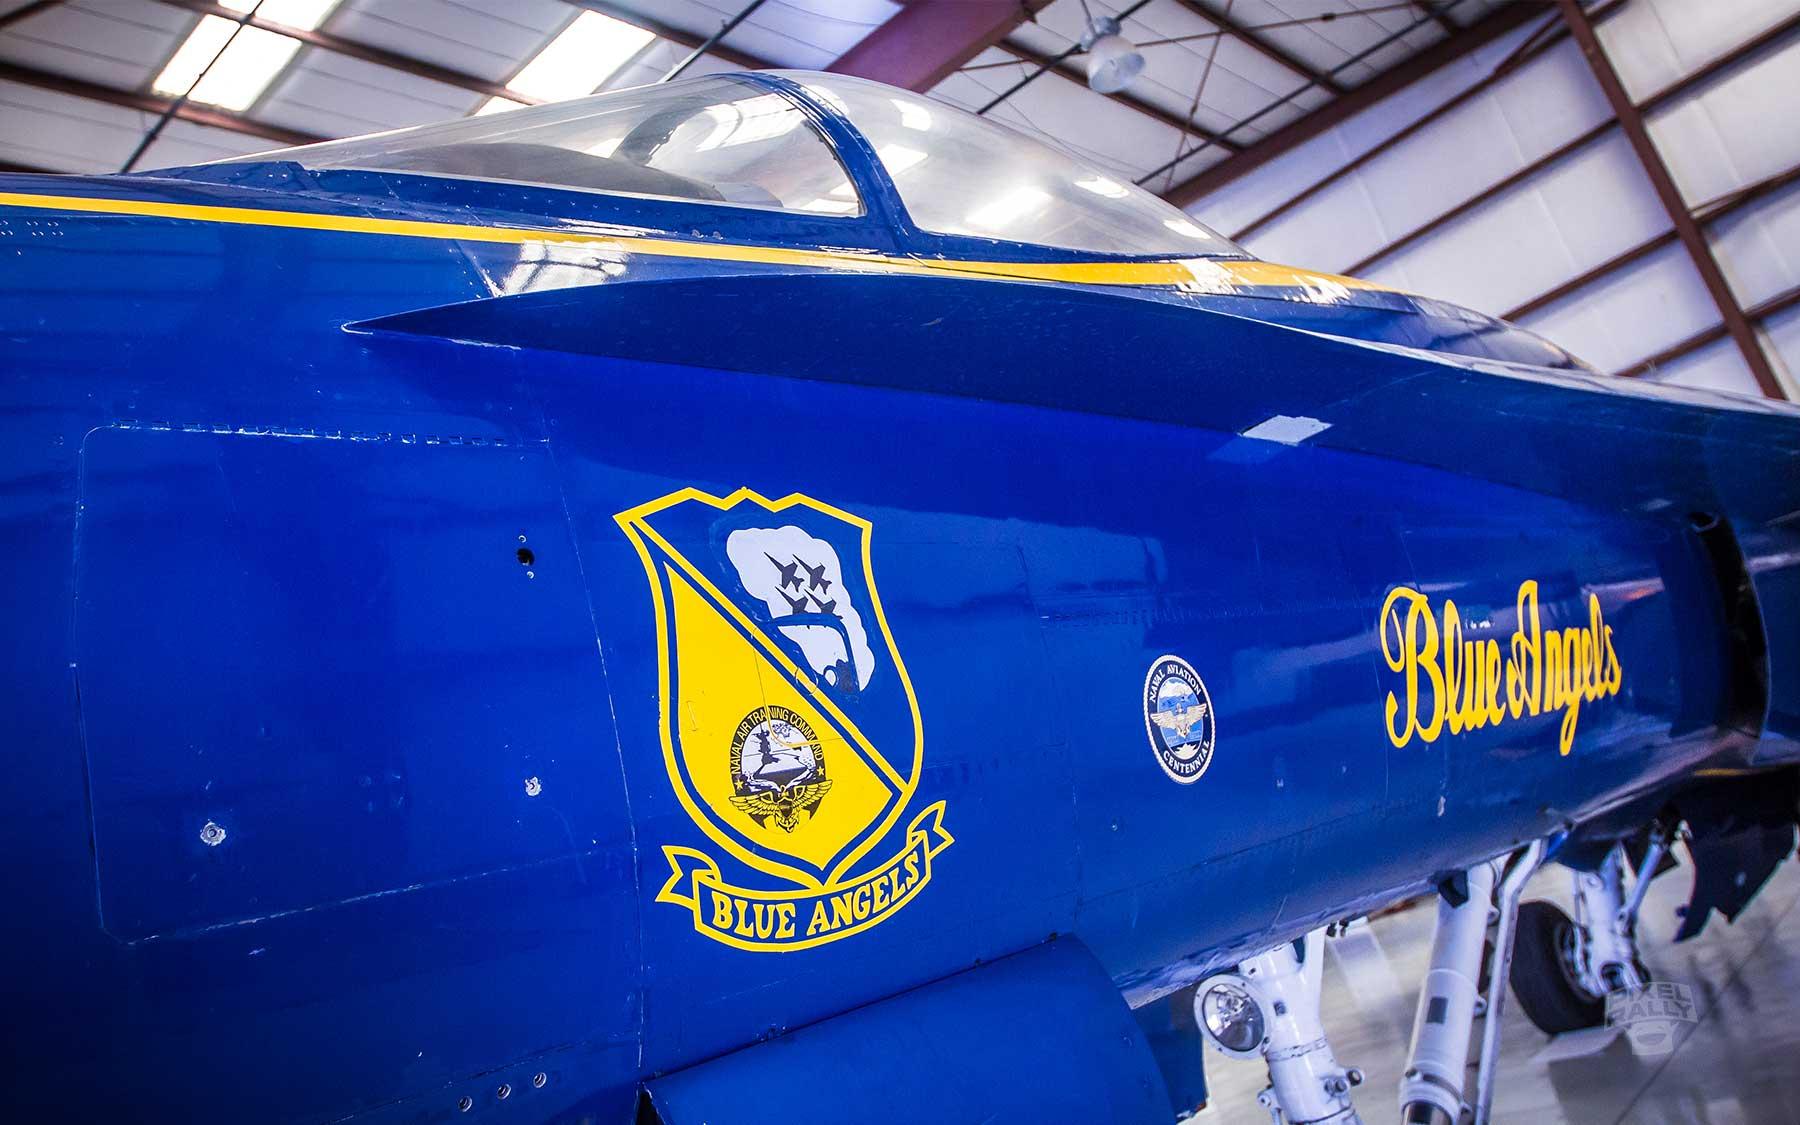 FL-WarbirdsMuseum-blue-angels-crest